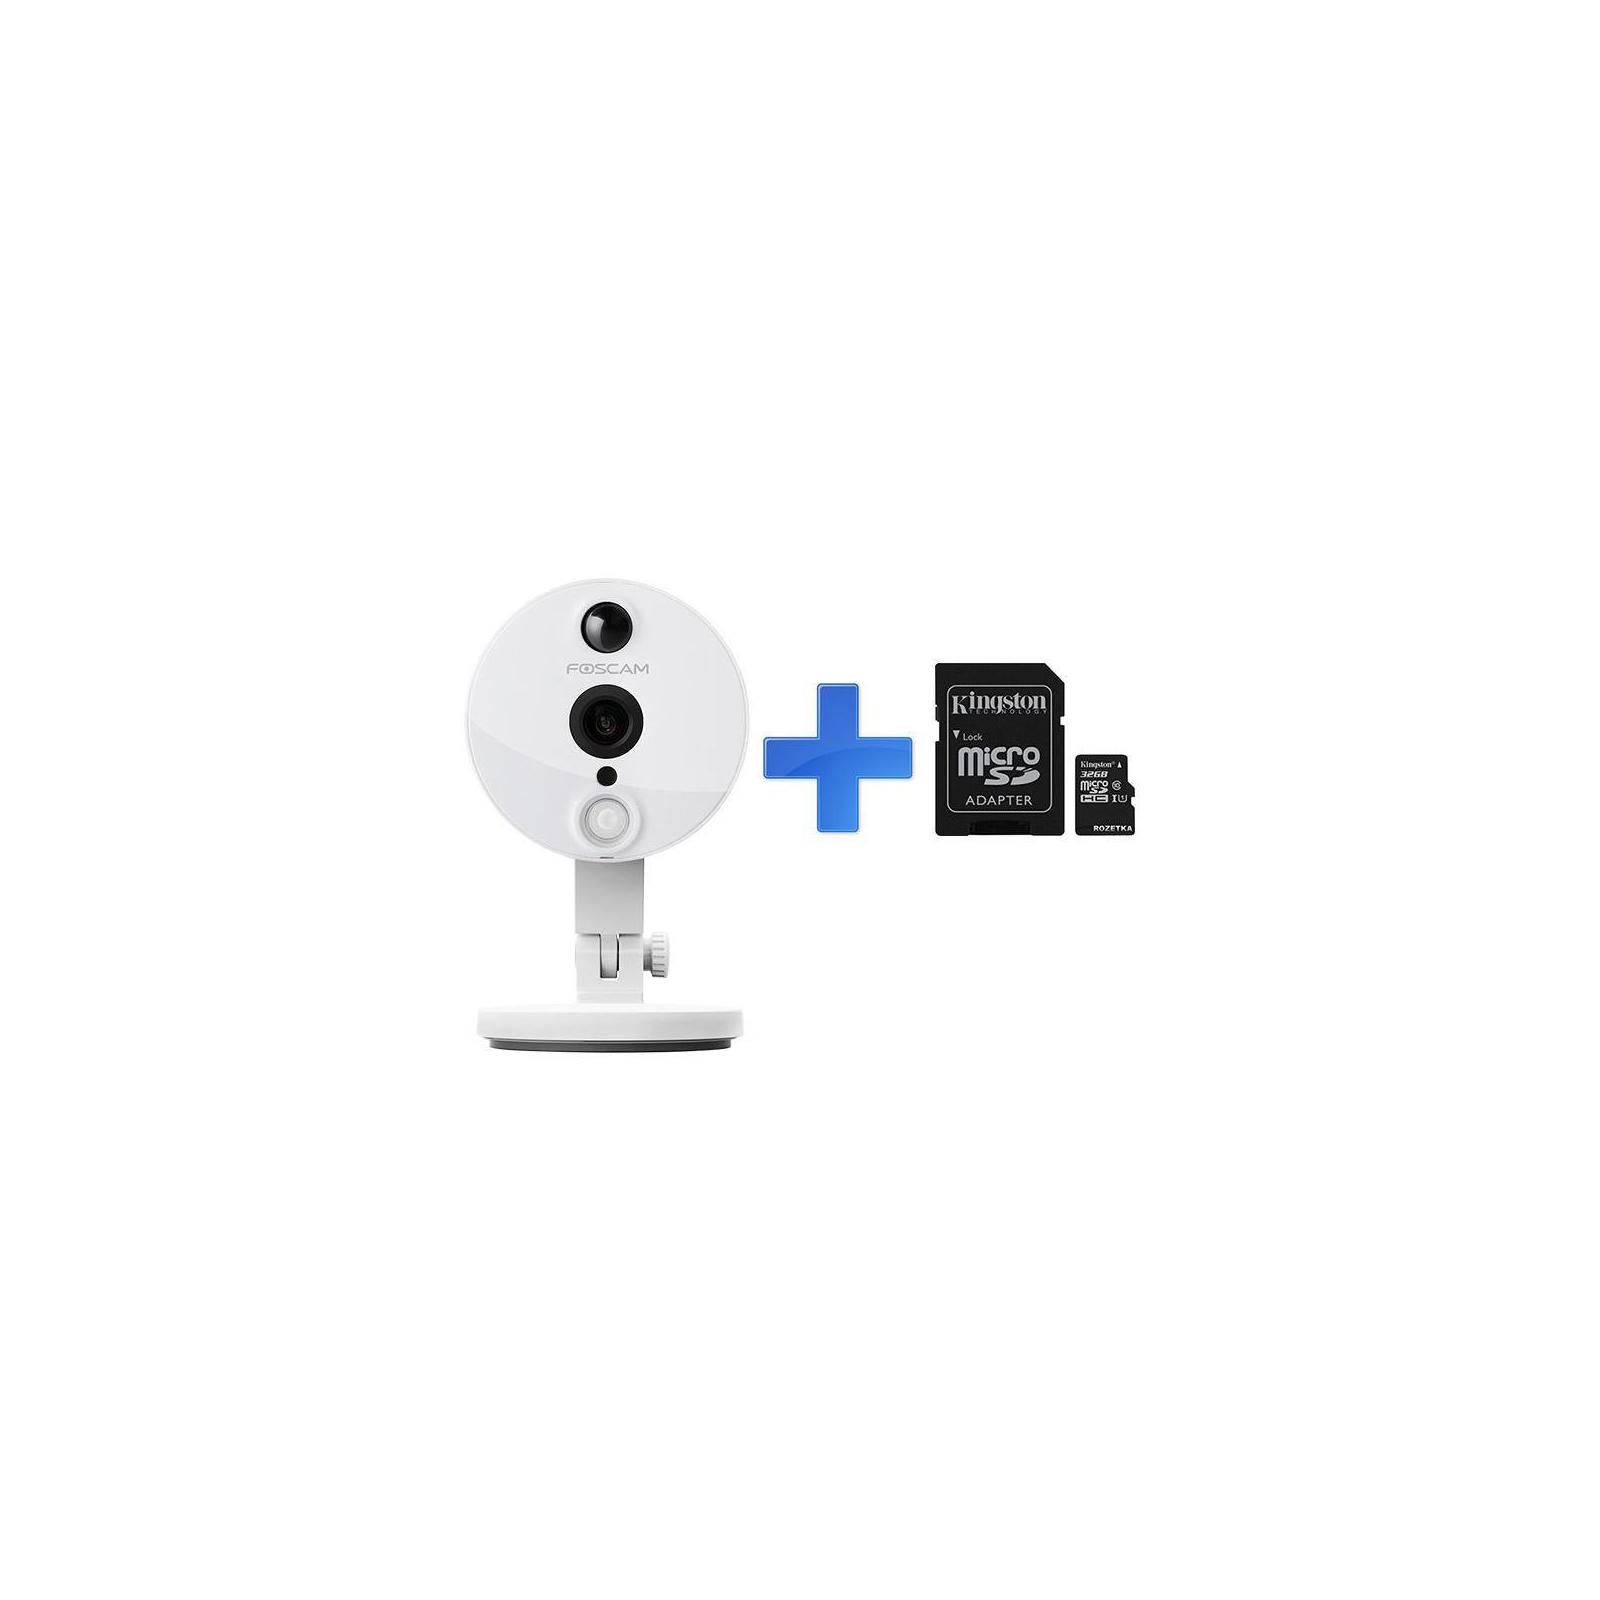 Камера видеонаблюдения Foscam C2 (6791) изображение 6